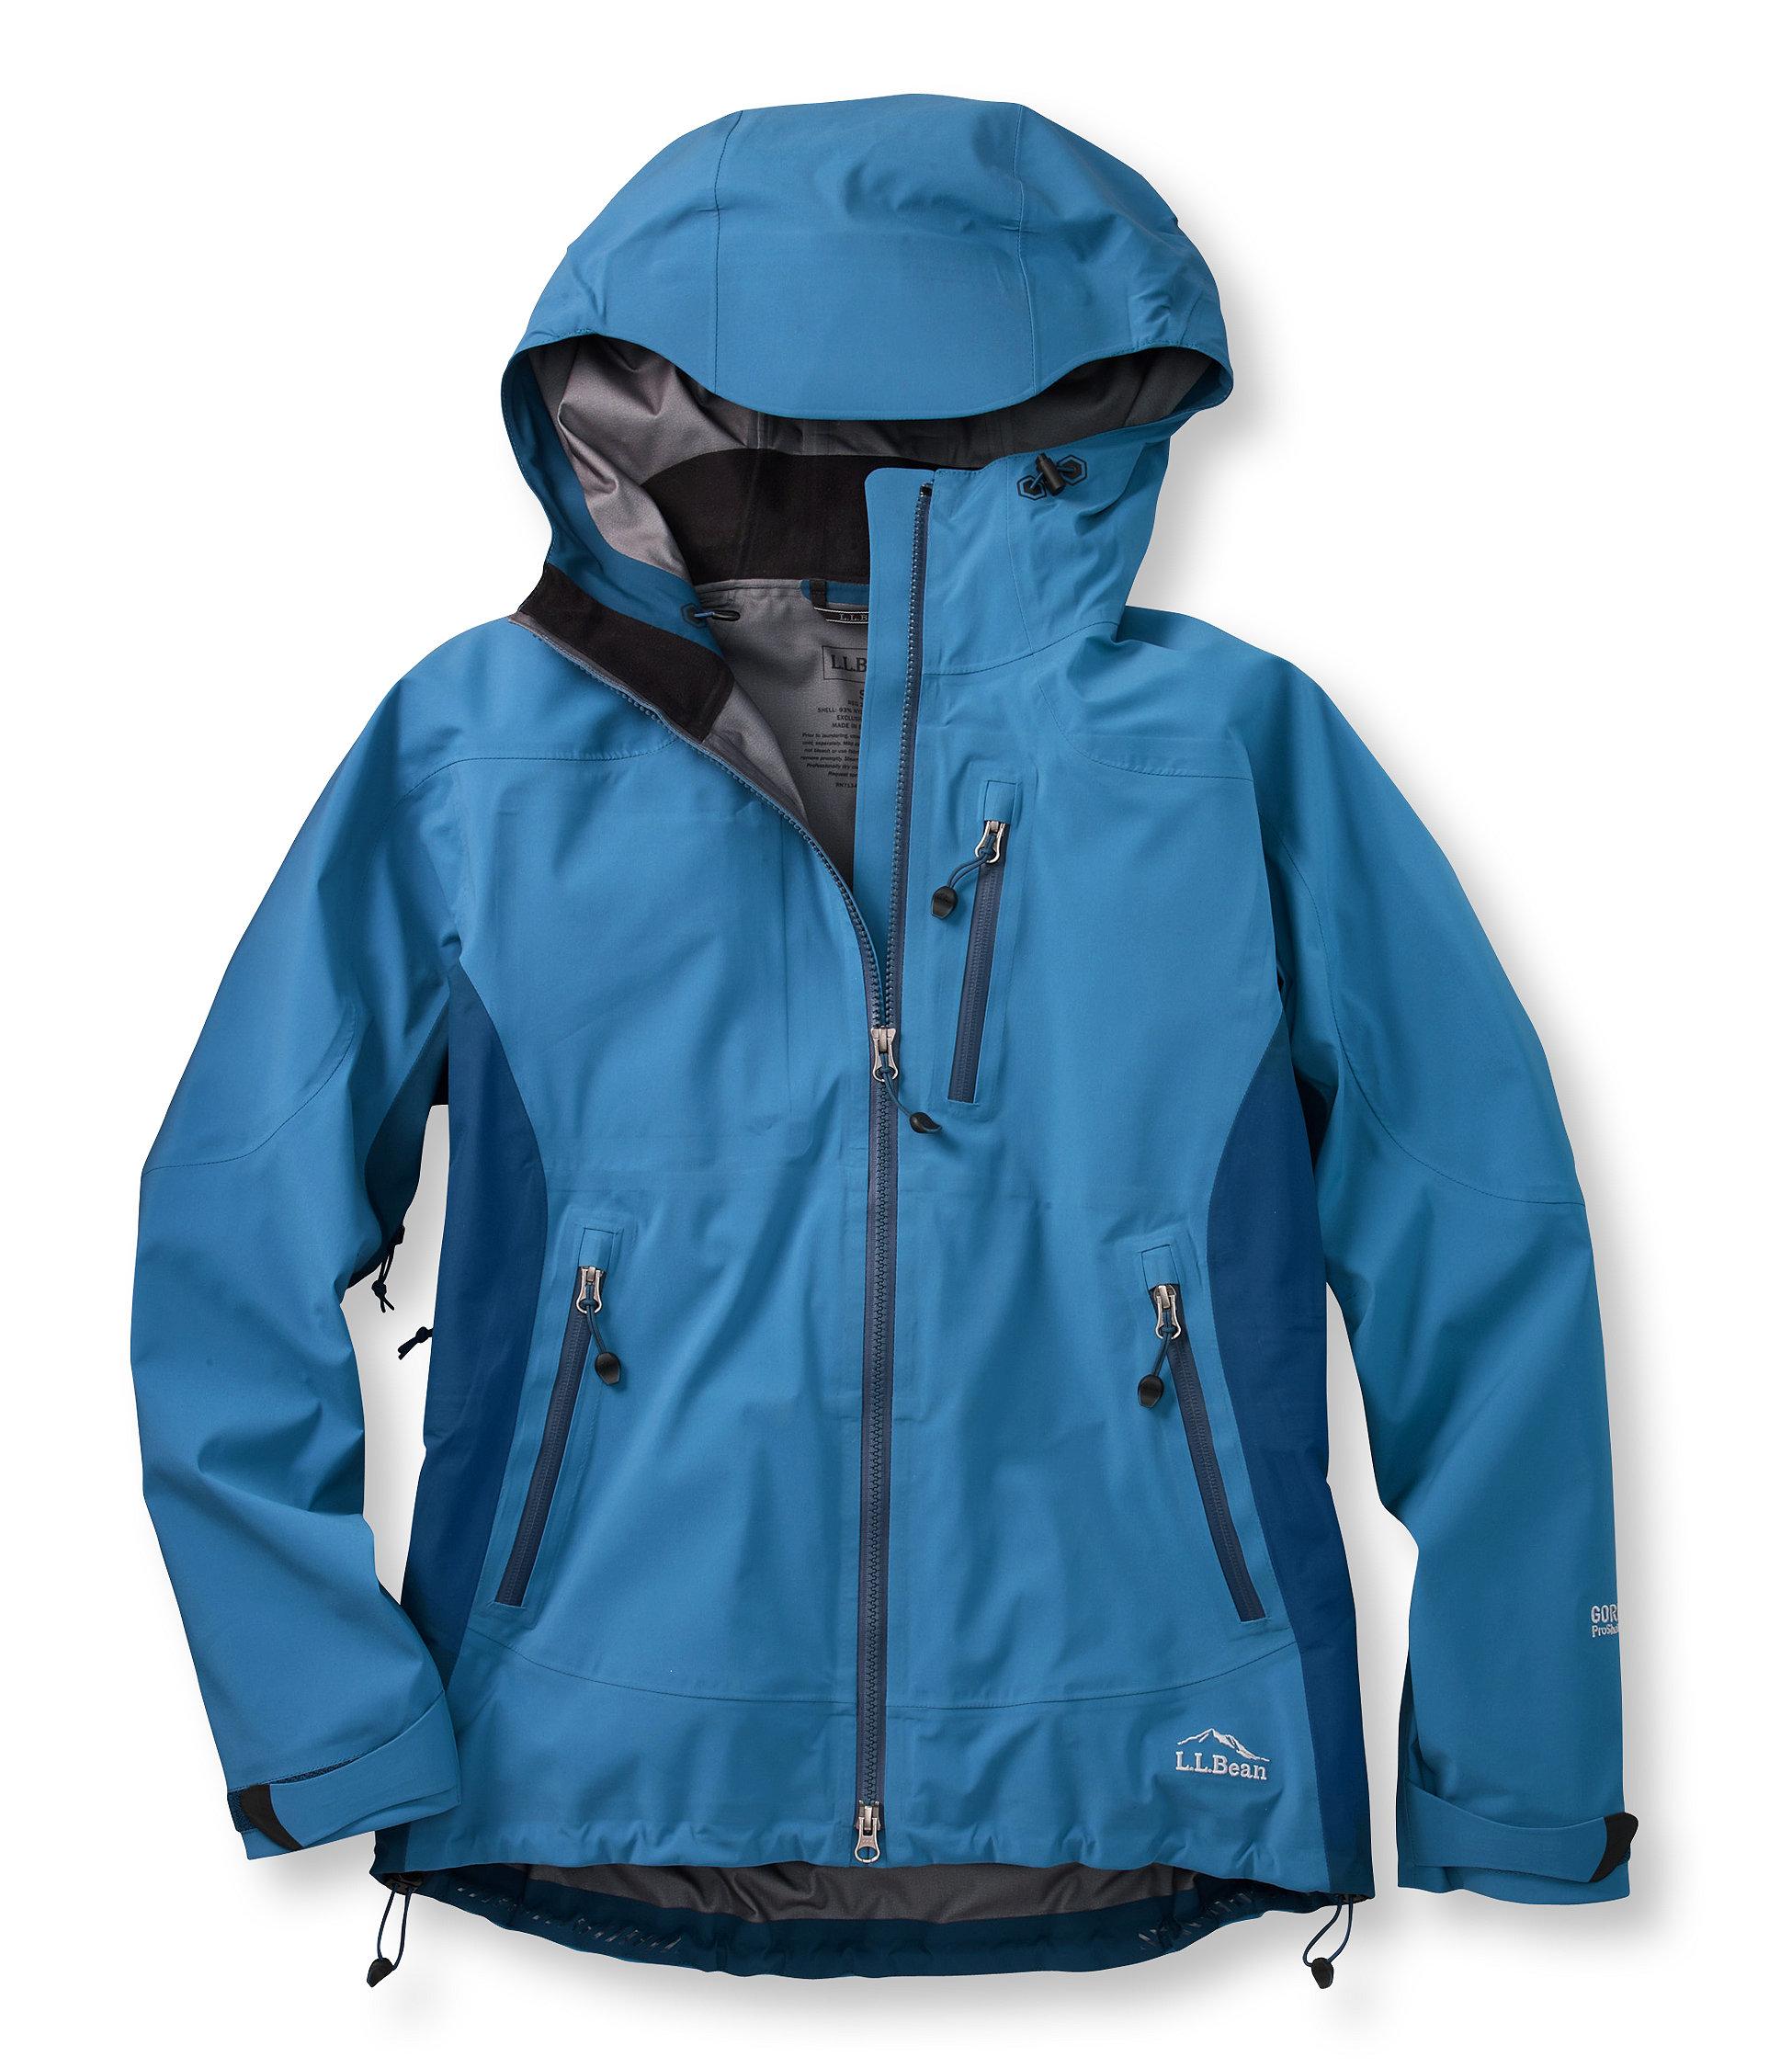 L.L.Bean Ascent Jacket